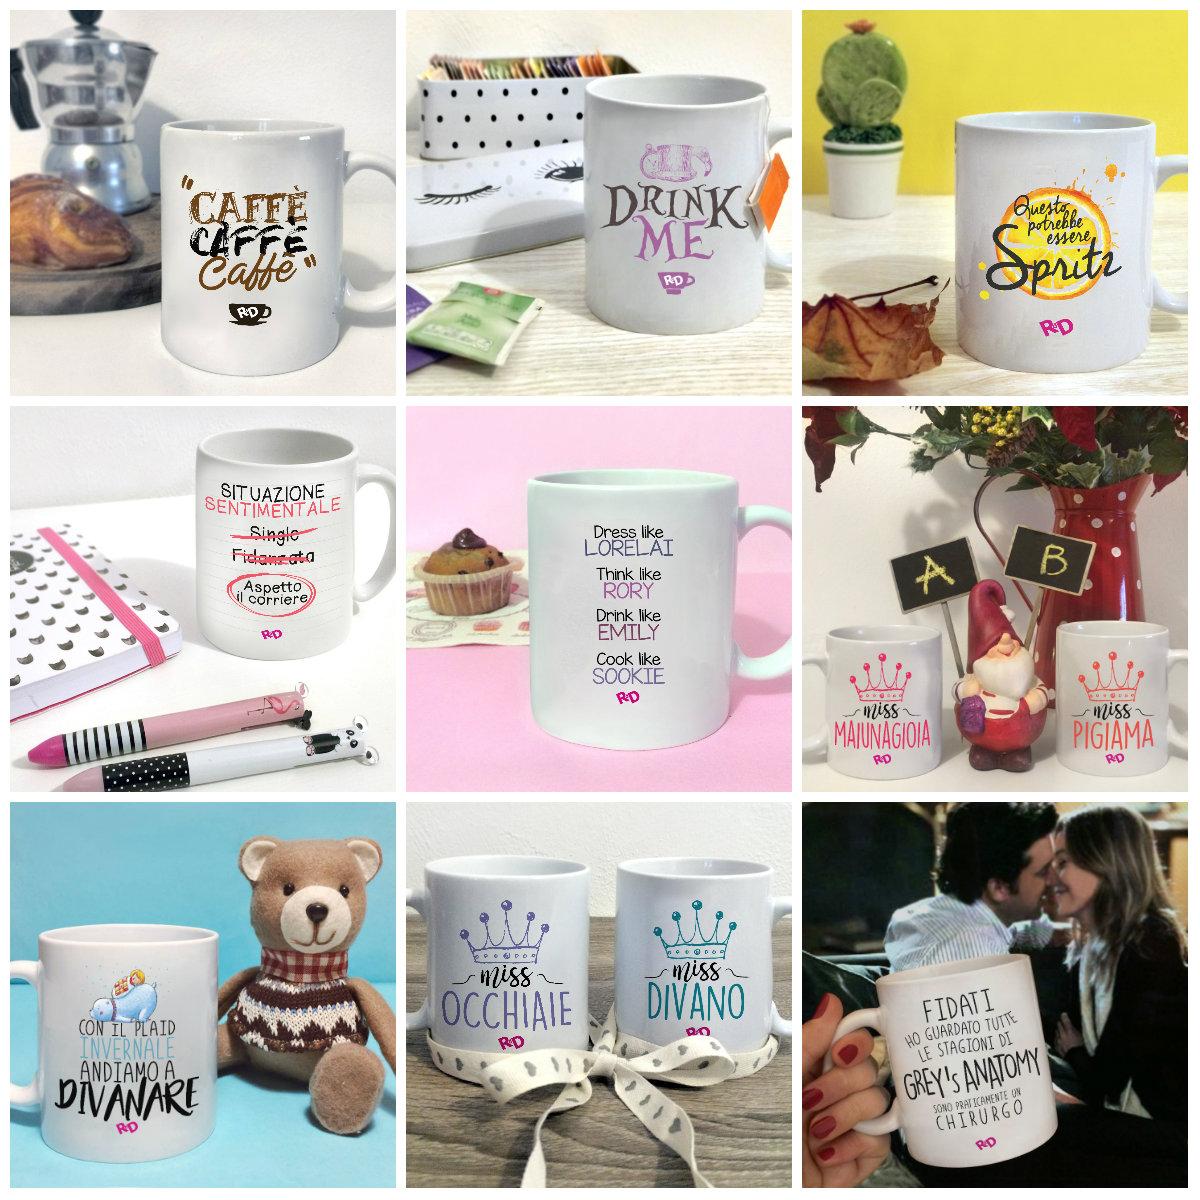 Per natale stupisci le amiche o tua sorella ecco 9 regali for Tazze da regalare a natale